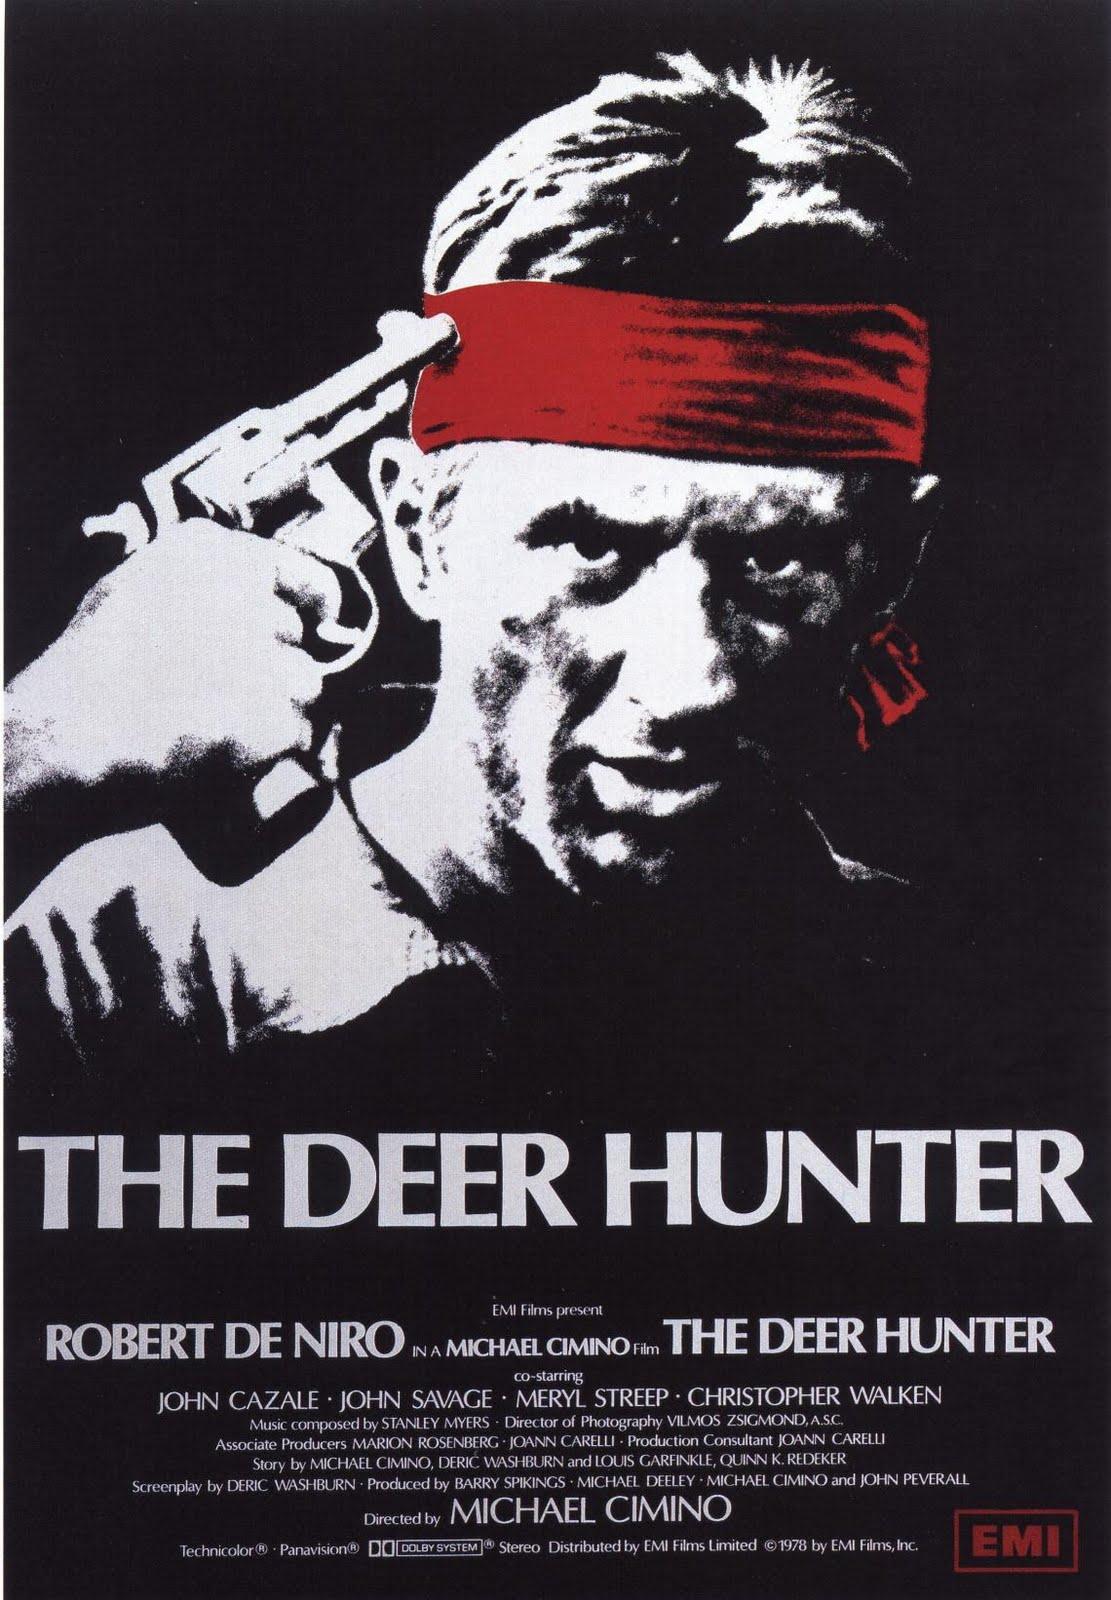 http://2.bp.blogspot.com/_VpXDQXroJCo/TU7RSRcIdMI/AAAAAAAABCQ/_o_UsnJ_9jc/s1600/deerhunter.jpg